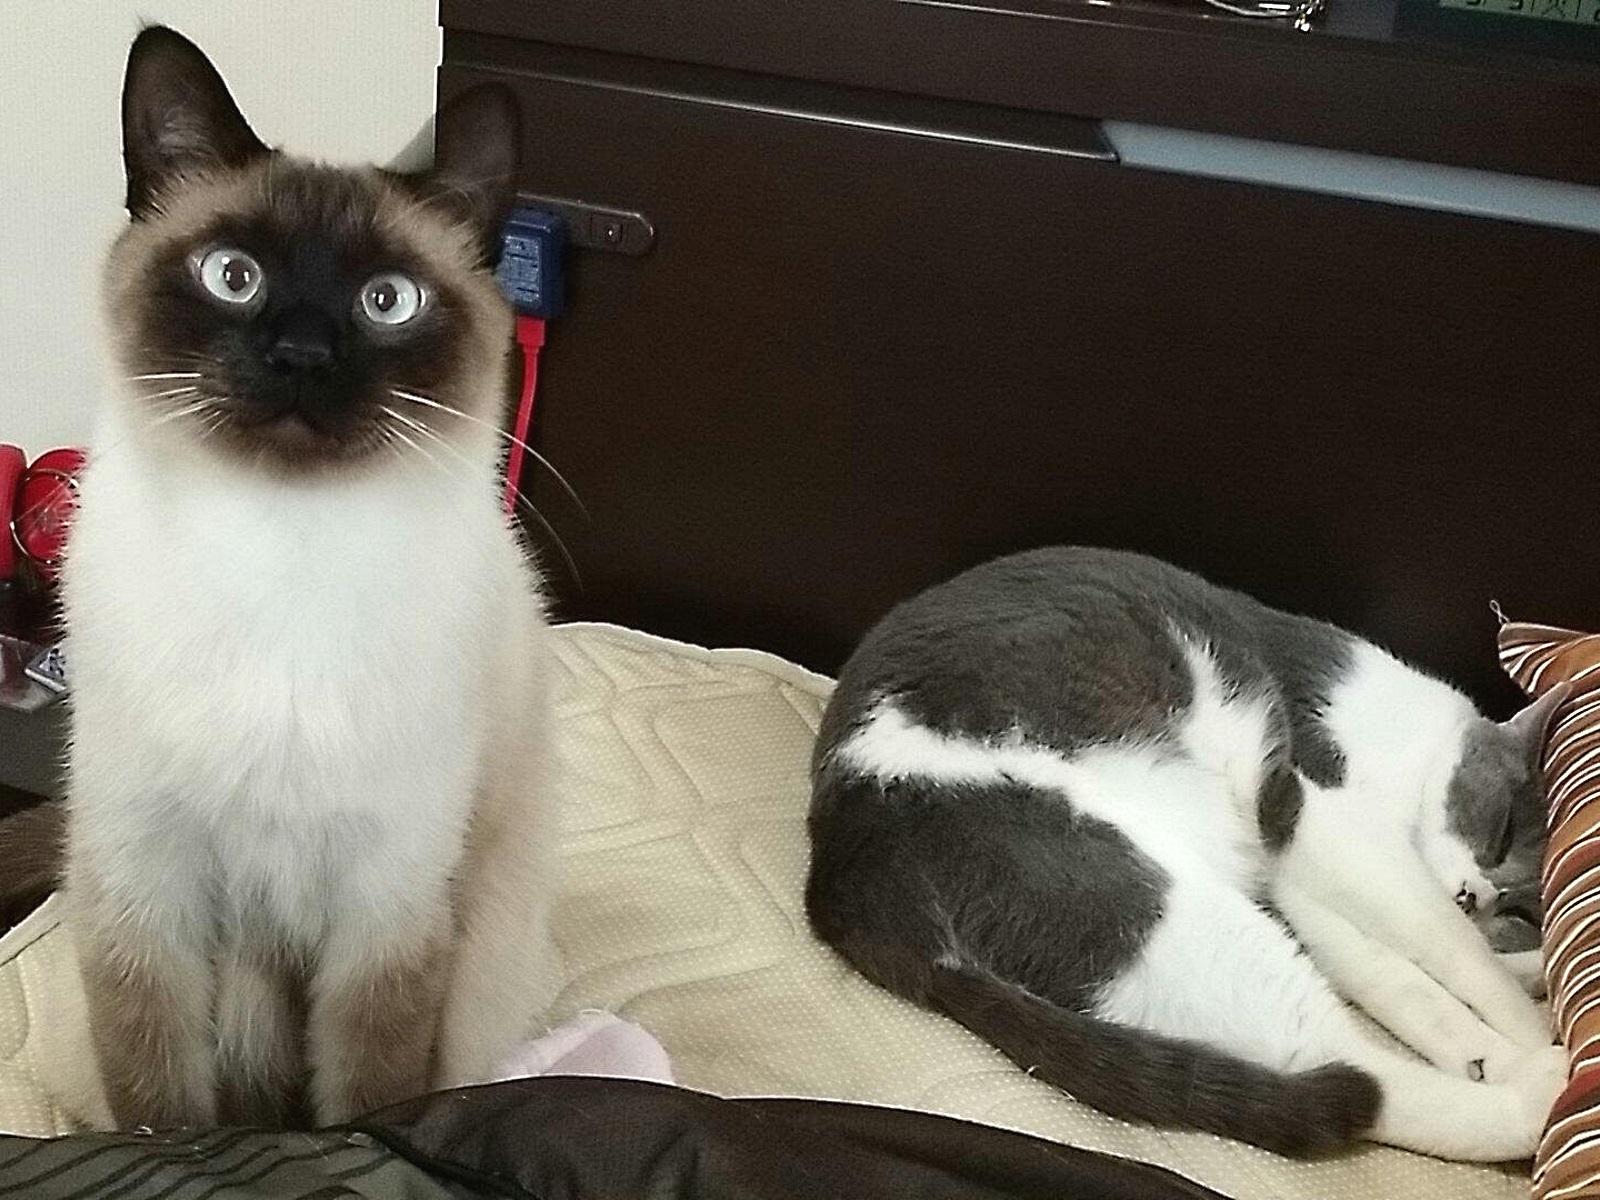 座っている猫と寝ている猫の写真